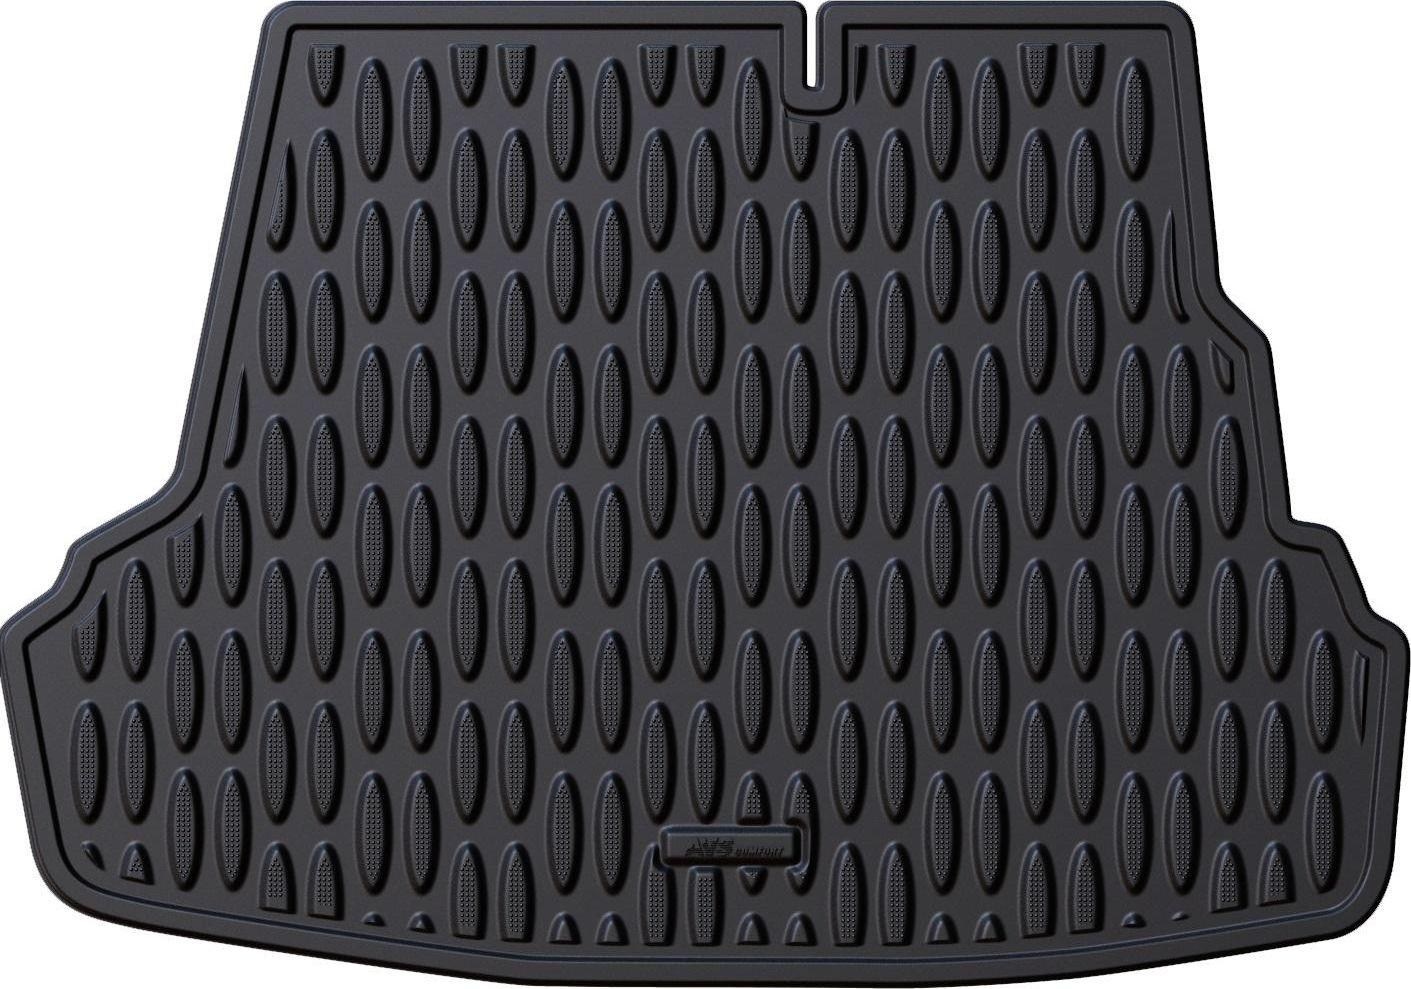 Ковер автомобильный AVS для Hyundai Solaris SD 2010-17, комплектация Optima, Comfort, в багажникA78769S1. Спроектированы с помощью 3D моделирования. Ковры для багажника : конфигурация позволяет максимально использовать объем багажника 2. Высокий борт Высота : 32 см. 3. Отсутствие резкого запаха , благодаря использованию высококачественного сырья4. Материал :ТЕРМОЭЛАСТОПЛАСТ(ТЭП)-благодаря высокому содержанию каучука (до 55 %): Более износоустойчивые по сравнению с резиновыми и полиуретановыми коврами других производителейПри температуре меньше -25 не «дубеют» . Легко моются, обладают повышенной износостойкостью 5. Оригинальный рисунок «ПРОТЕКТОР» (антискользящее исполнение лицевой поверхности) Препятствует перемещению груза в багажнике во время движения автомобиля 6. Легкий вес – в 2 раза легче резиновых